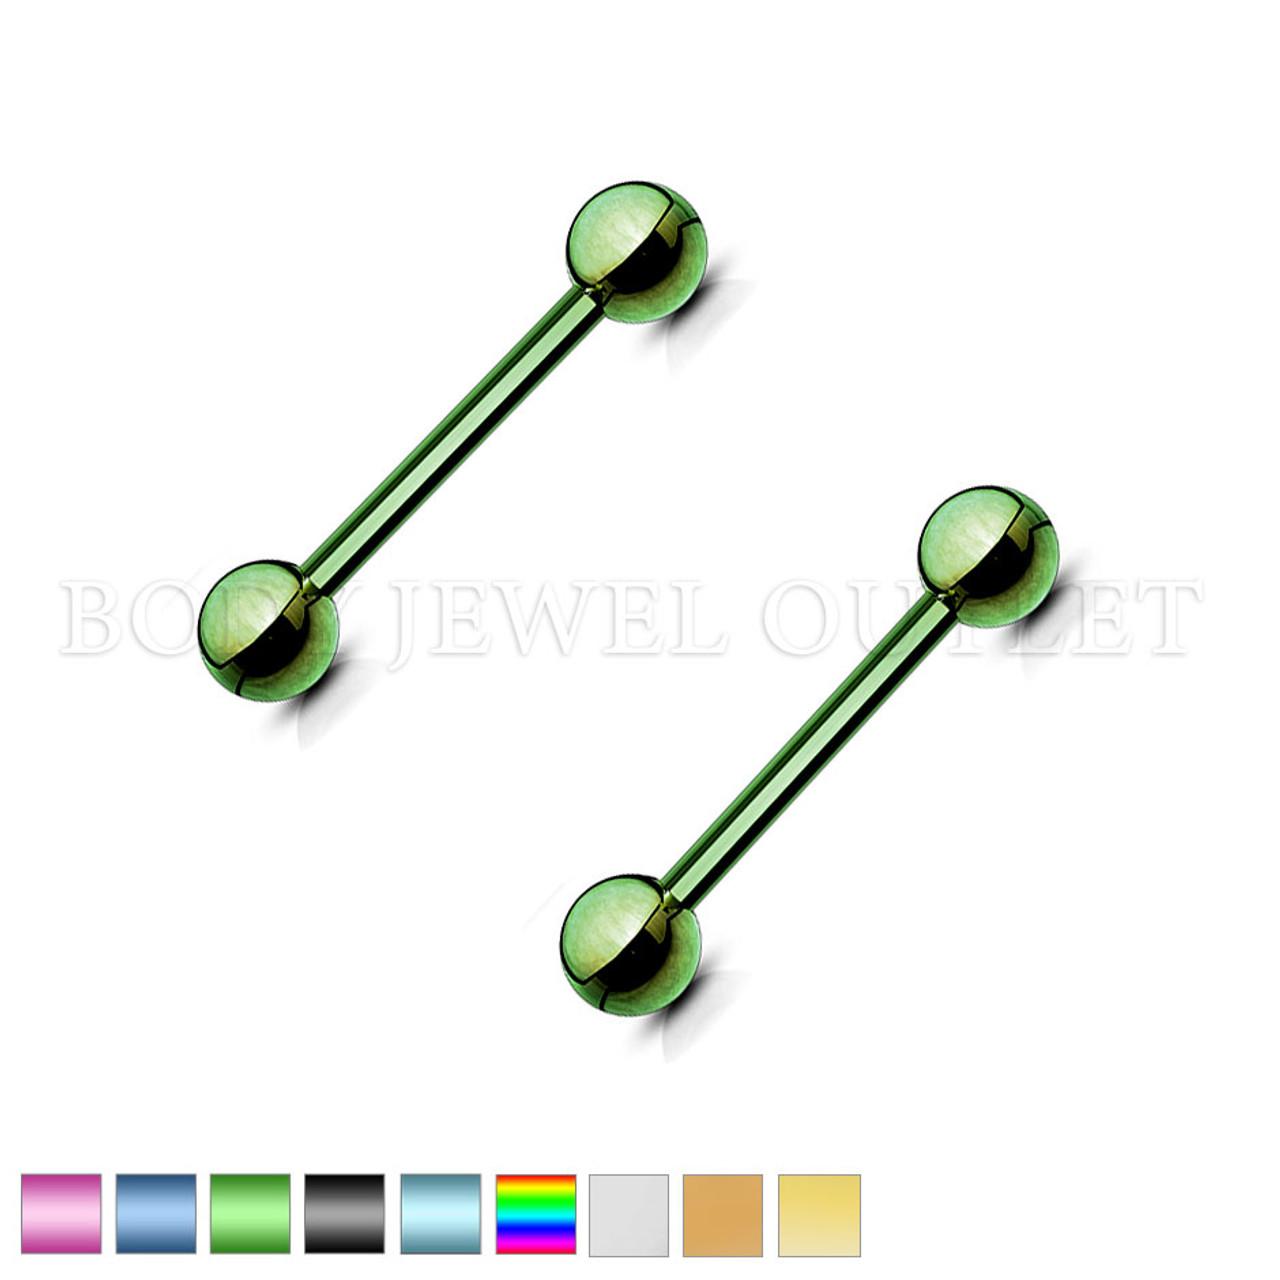 Nipple Piercing Green Steel Straight Bar | BodyJewelOutlet